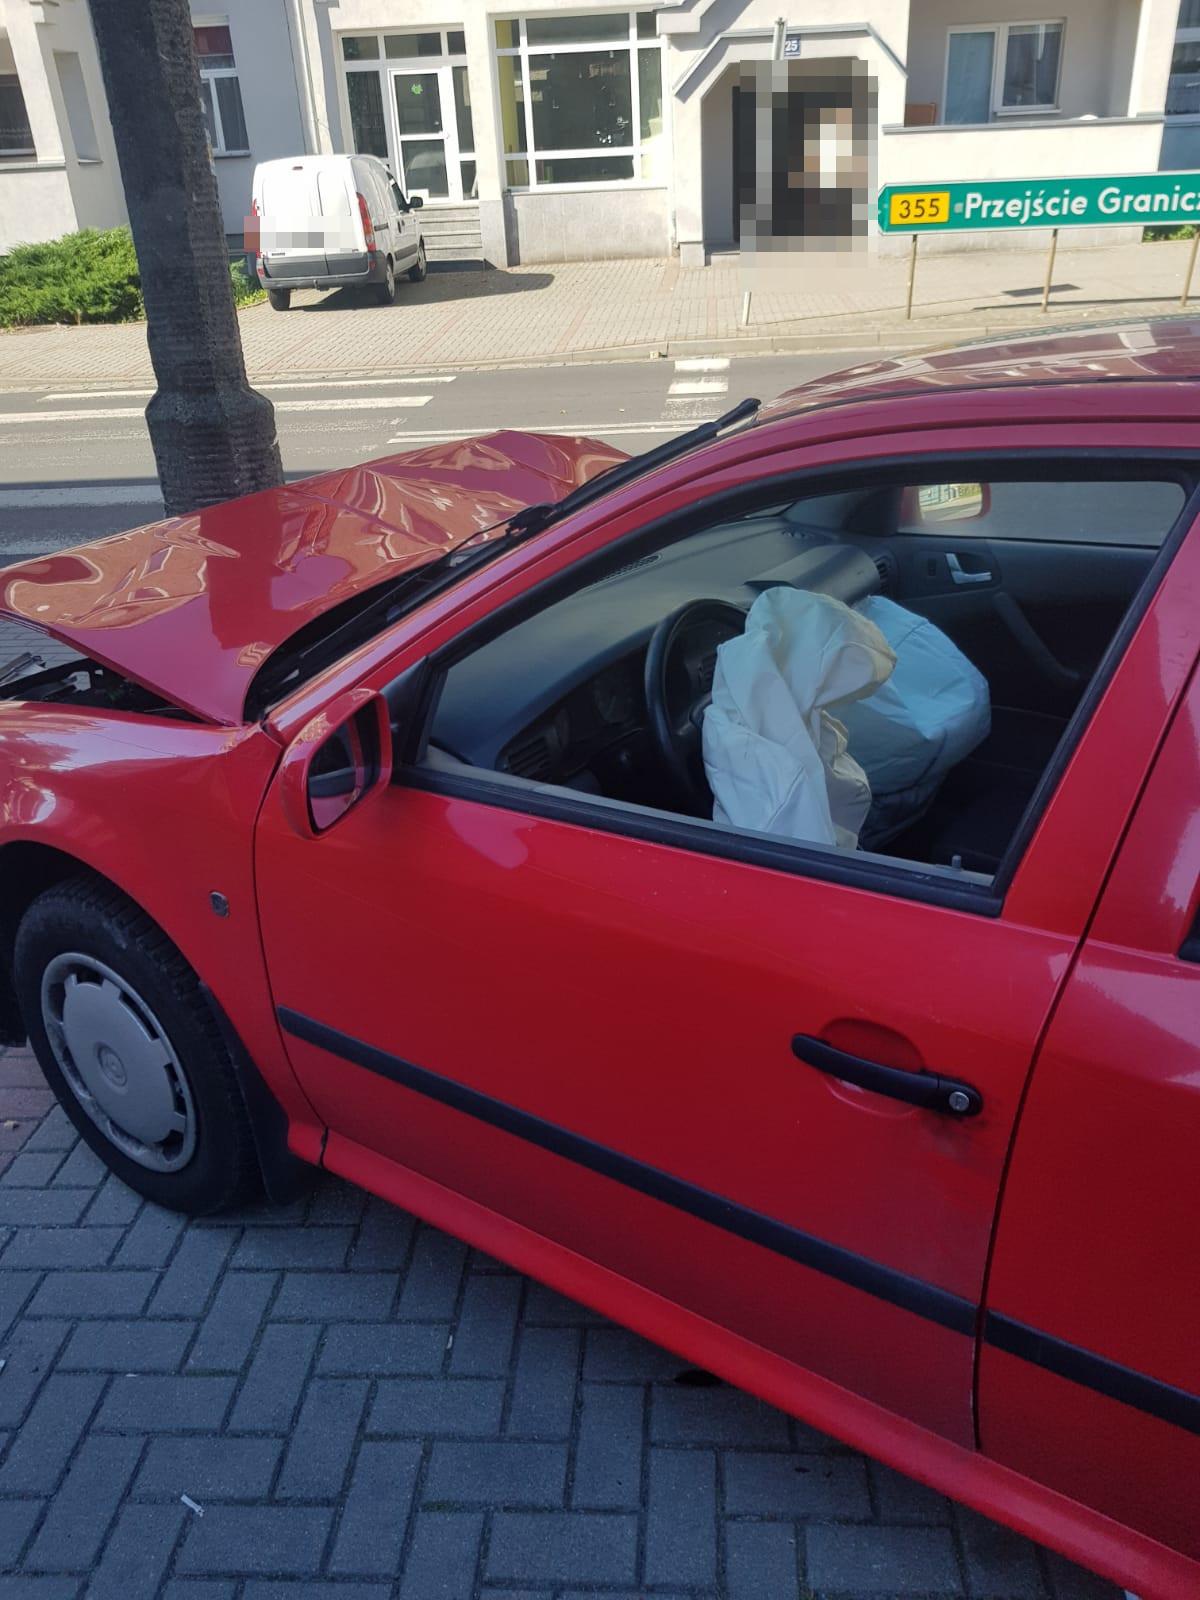 Samochód, którym poruszał się mężczyzna podejrzany o kradzież / fot. KPP Lubań